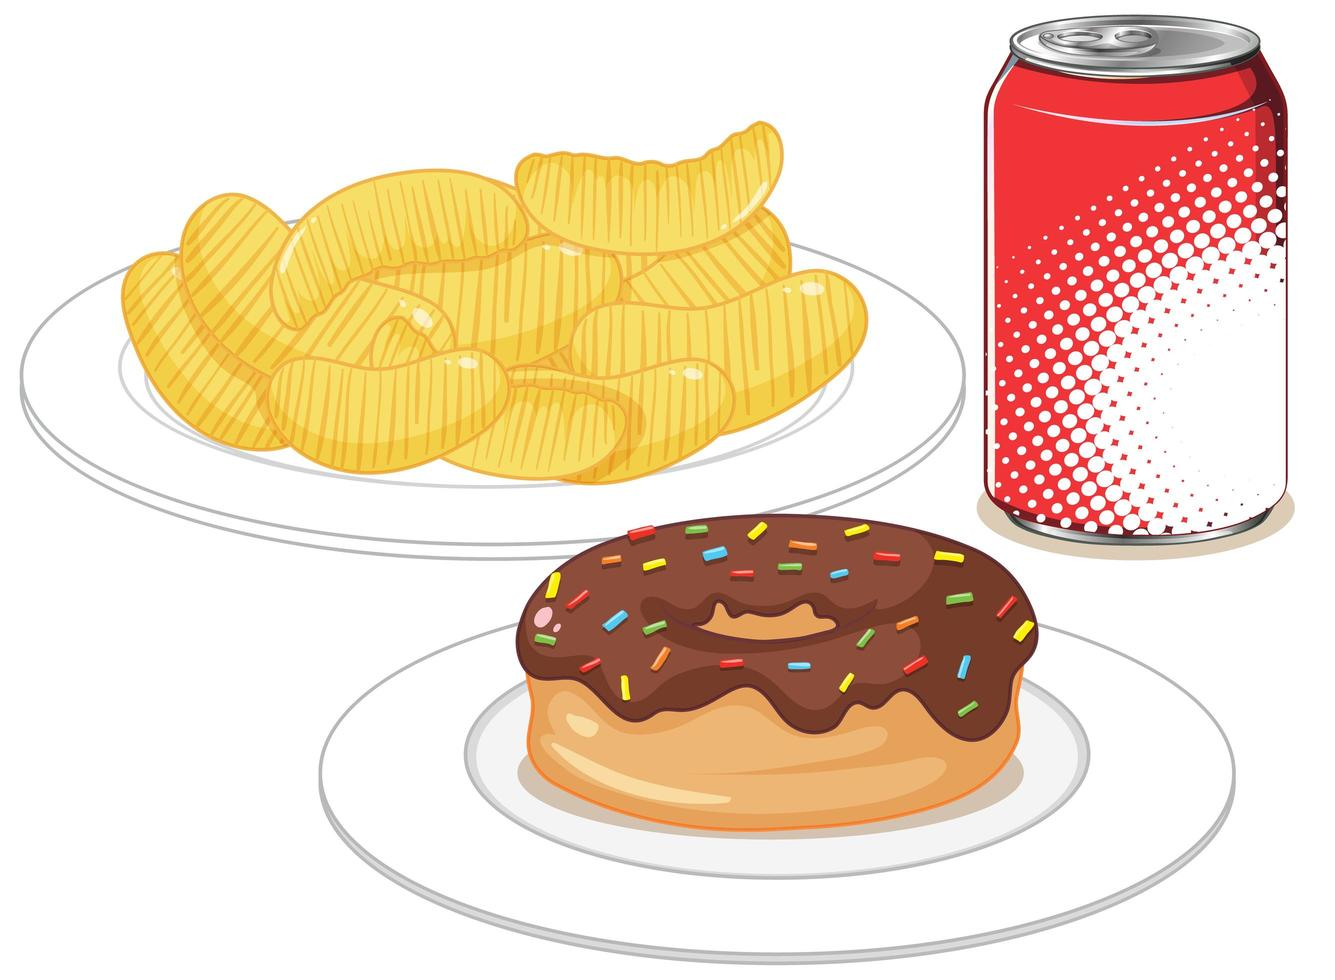 fast food of junk food snack geïsoleerd op een witte achtergrond vector